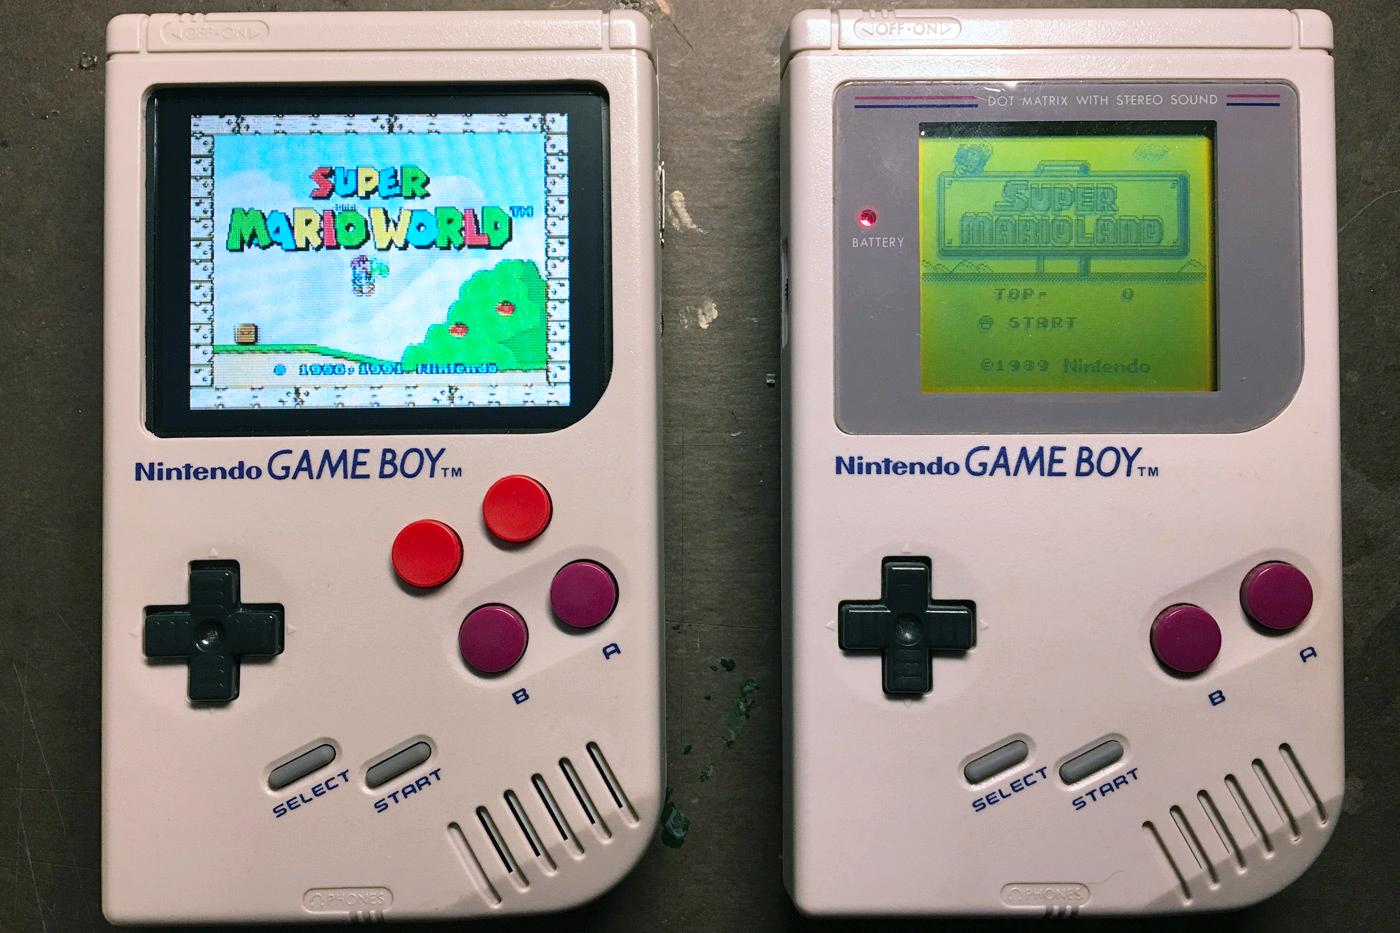 这款经改造的 Game Boy 几乎可以玩到所有经典任天堂游戏